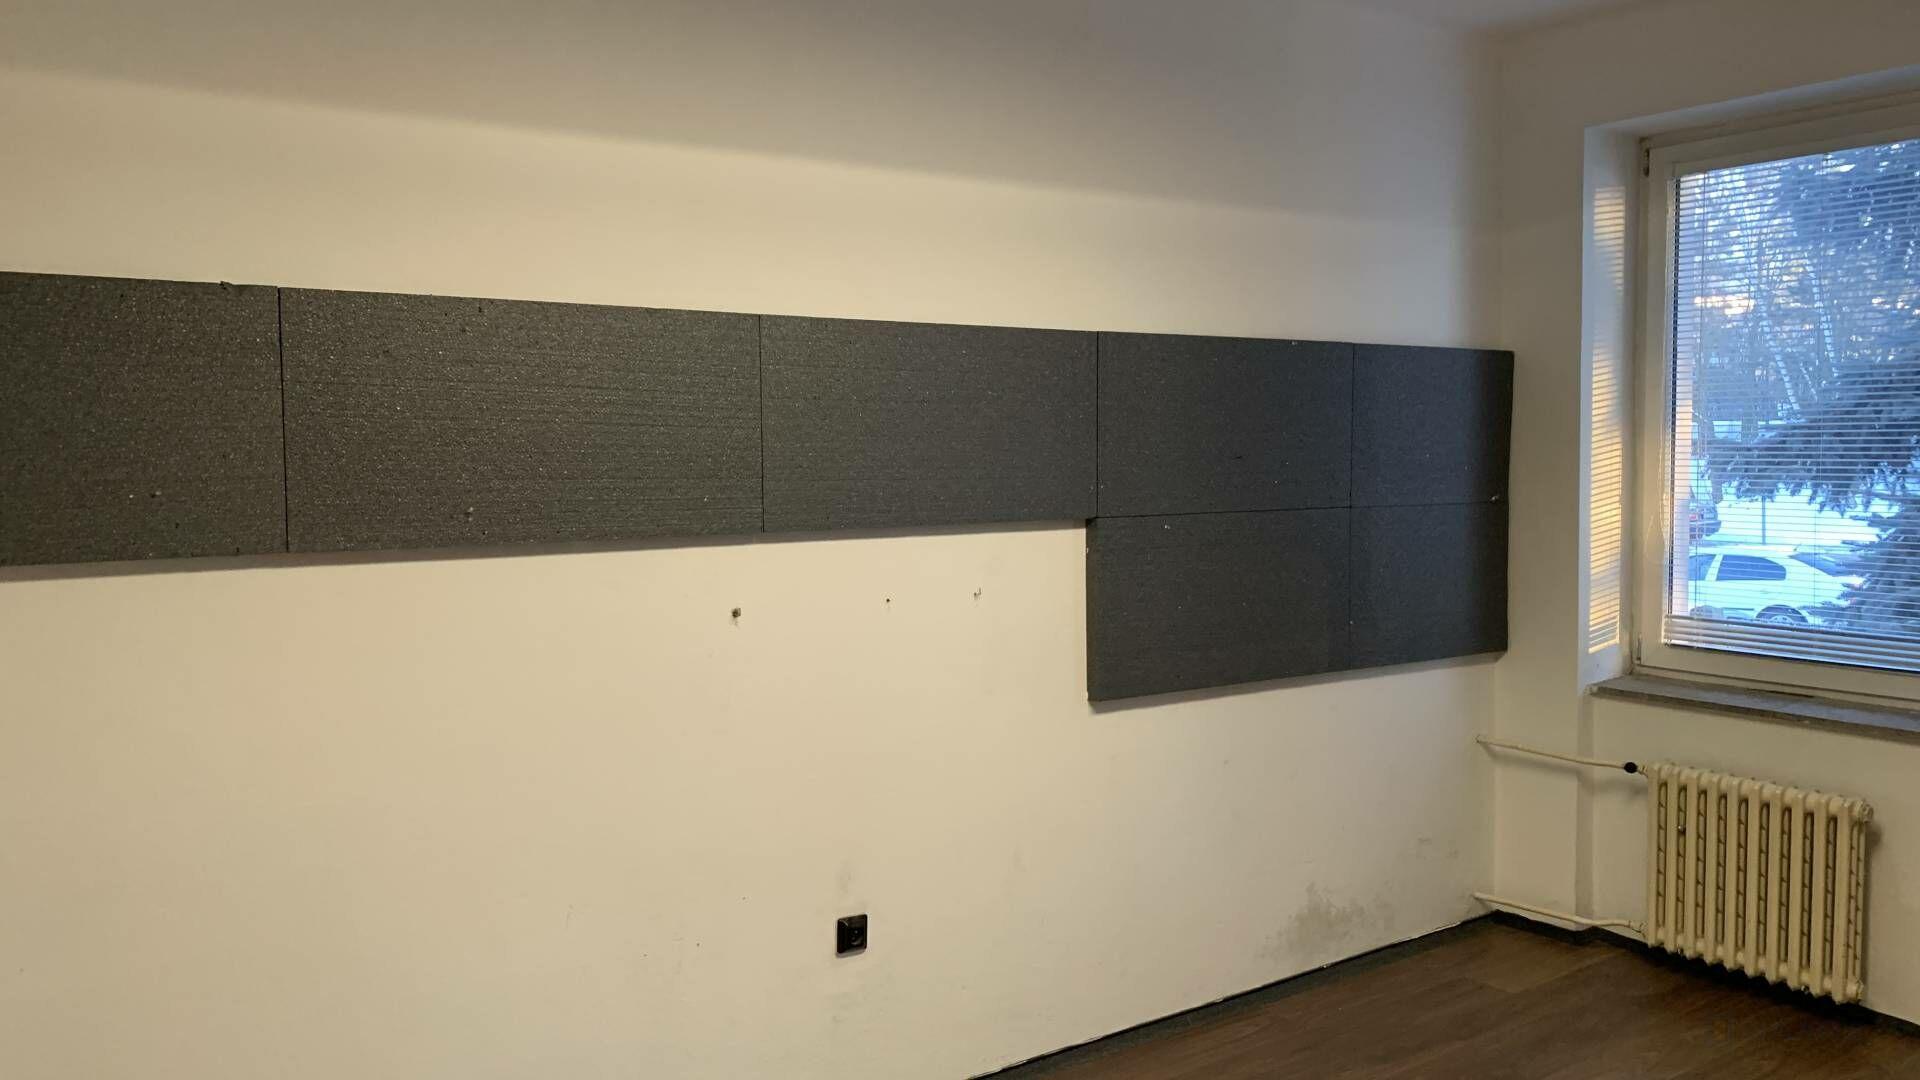 Pronájem kanceláře 17 m2